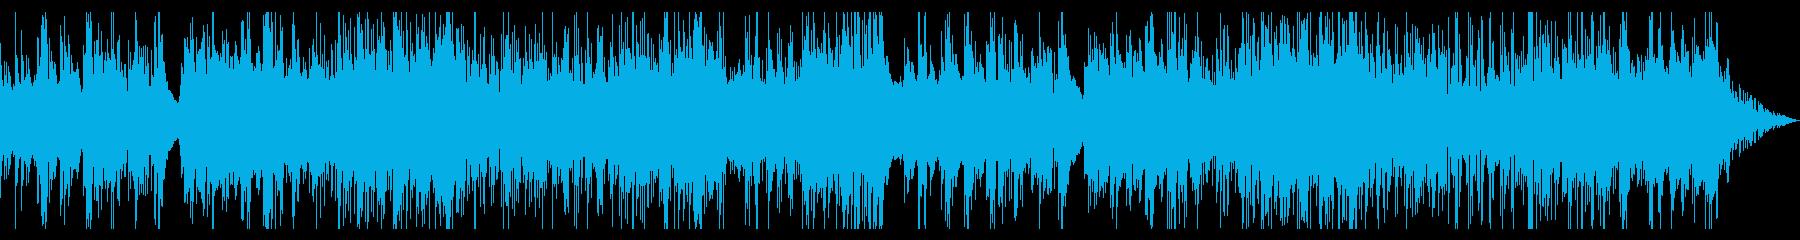 スパニッシュ風ギターアルペジオ 寂寥感の再生済みの波形